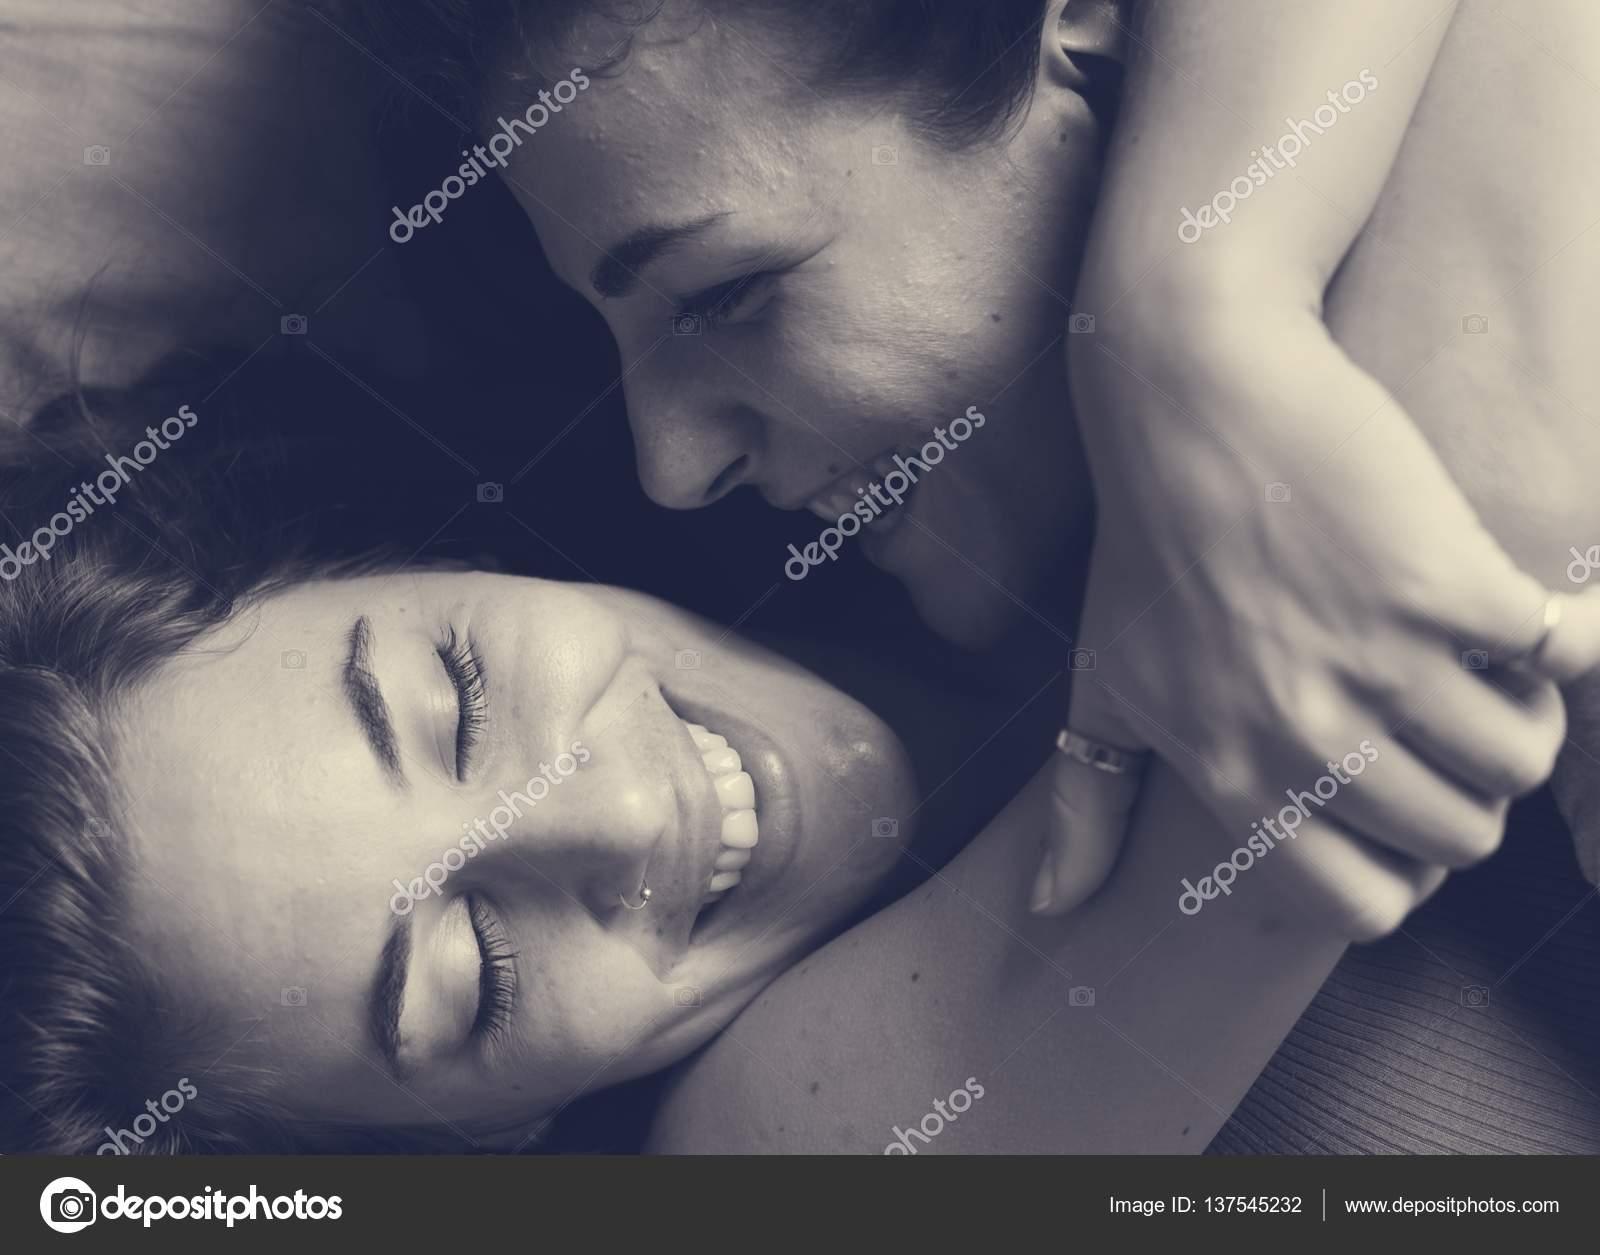 černé lesbičky líbání obrázků